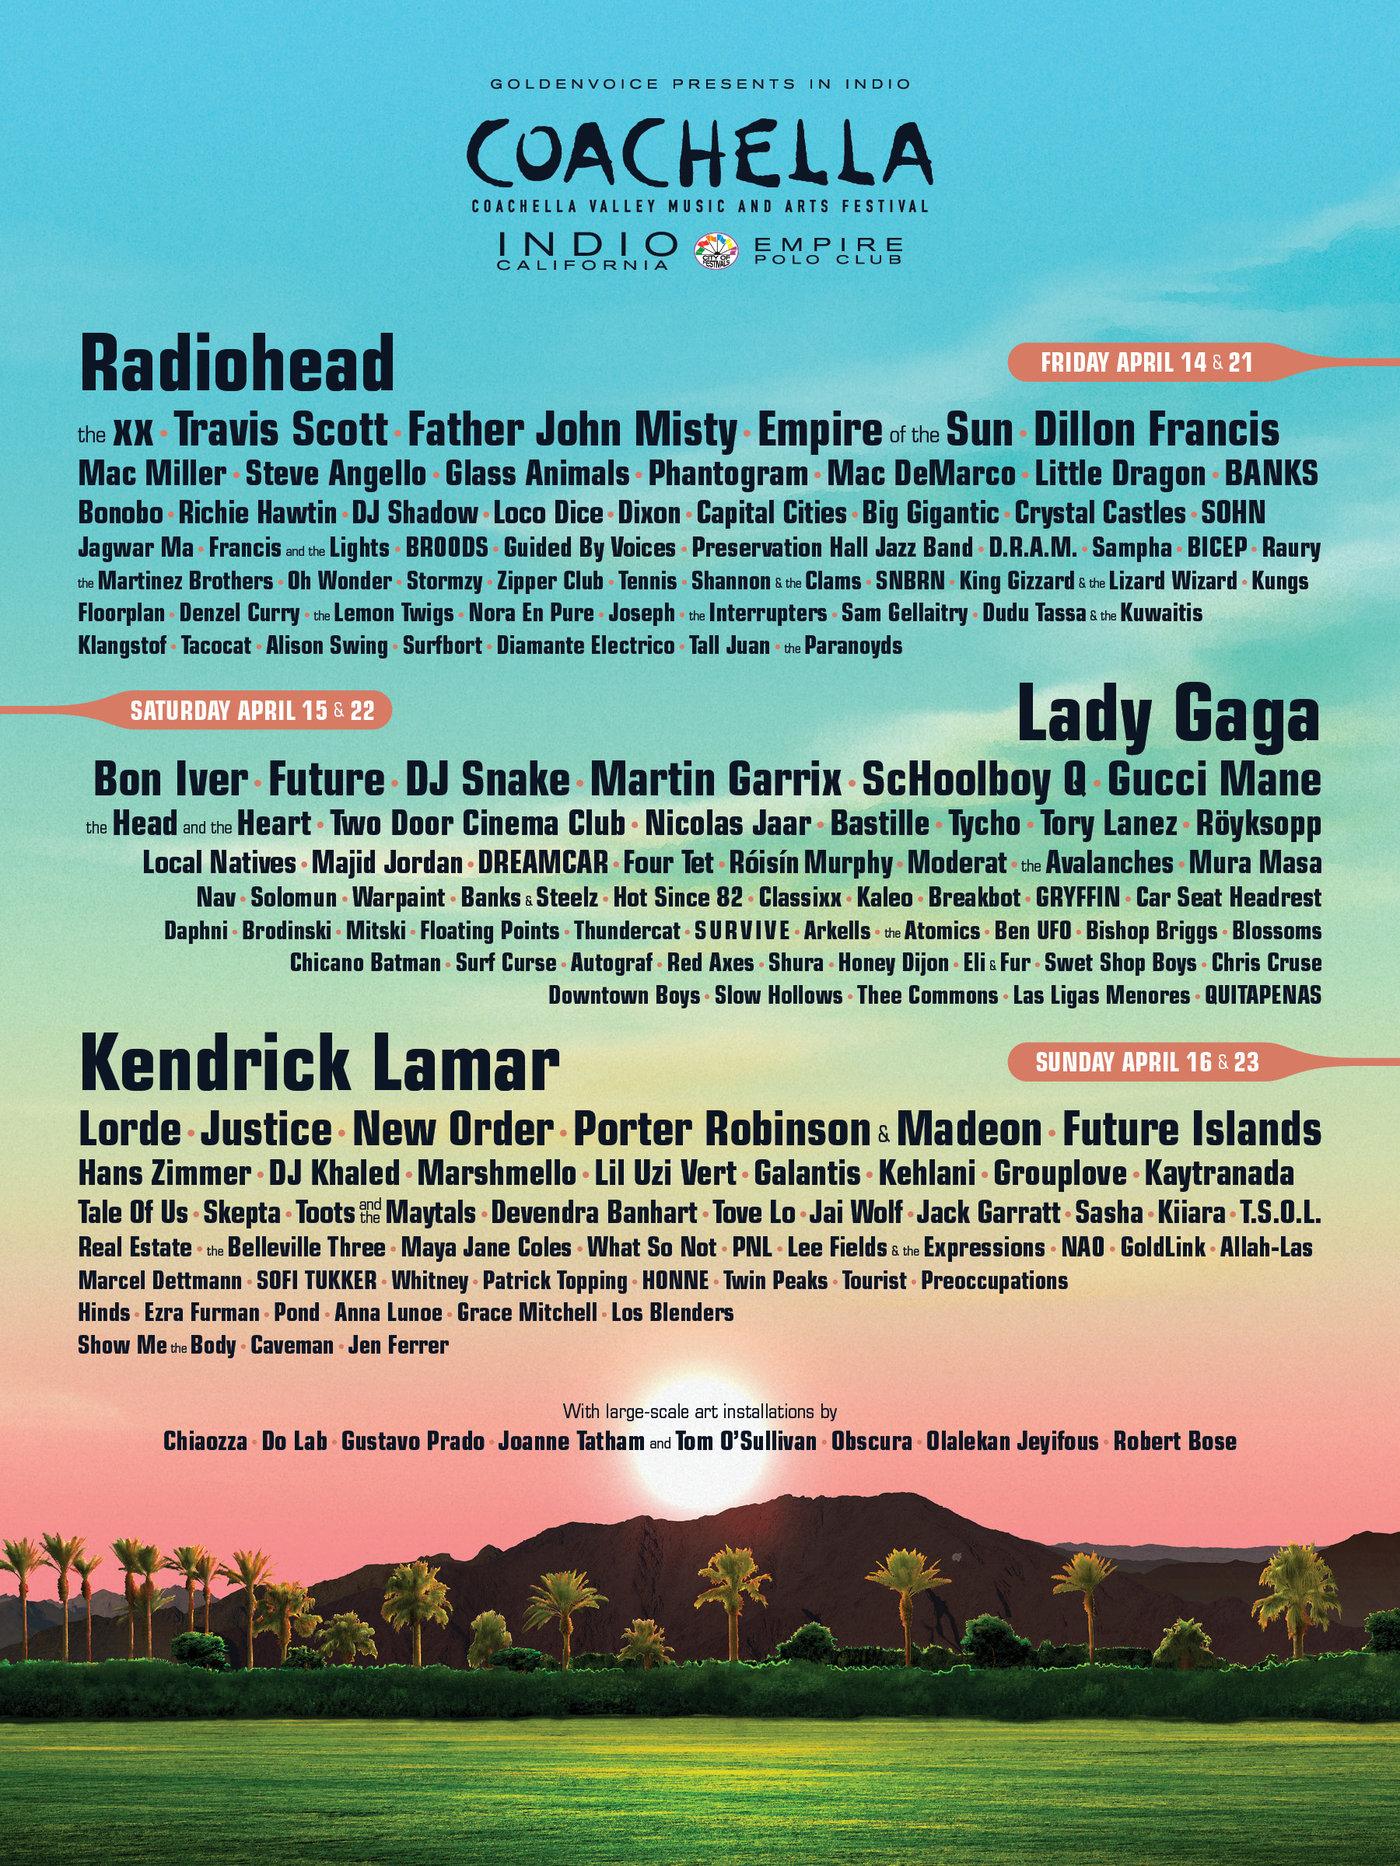 2017年Coachella音乐节海报及出场艺人/图片来源coachella.com